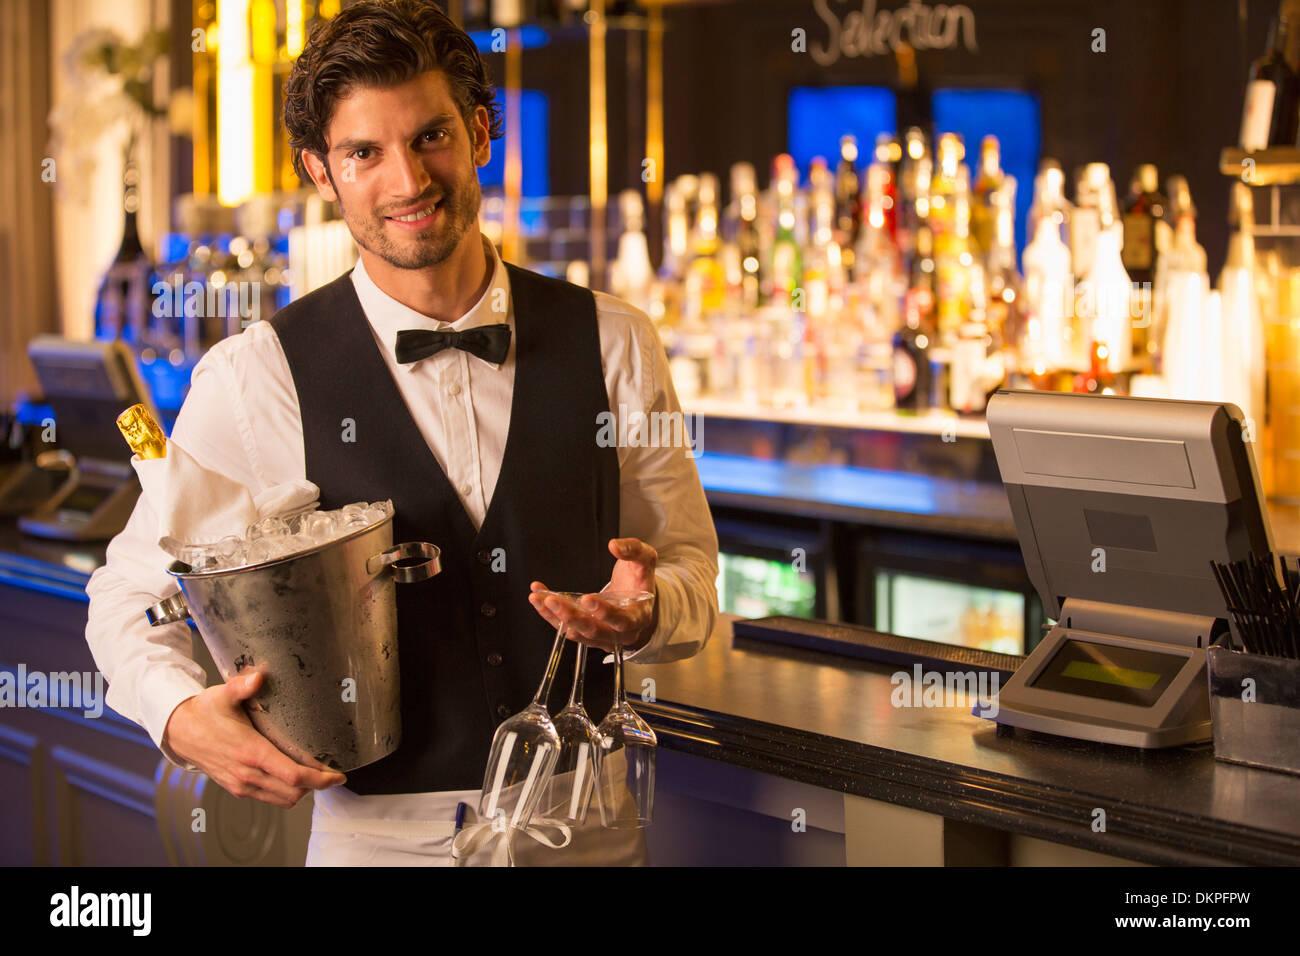 Fein Beschreibung Für Einen Barkeeper Fortsetzen Galerie - Entry ...